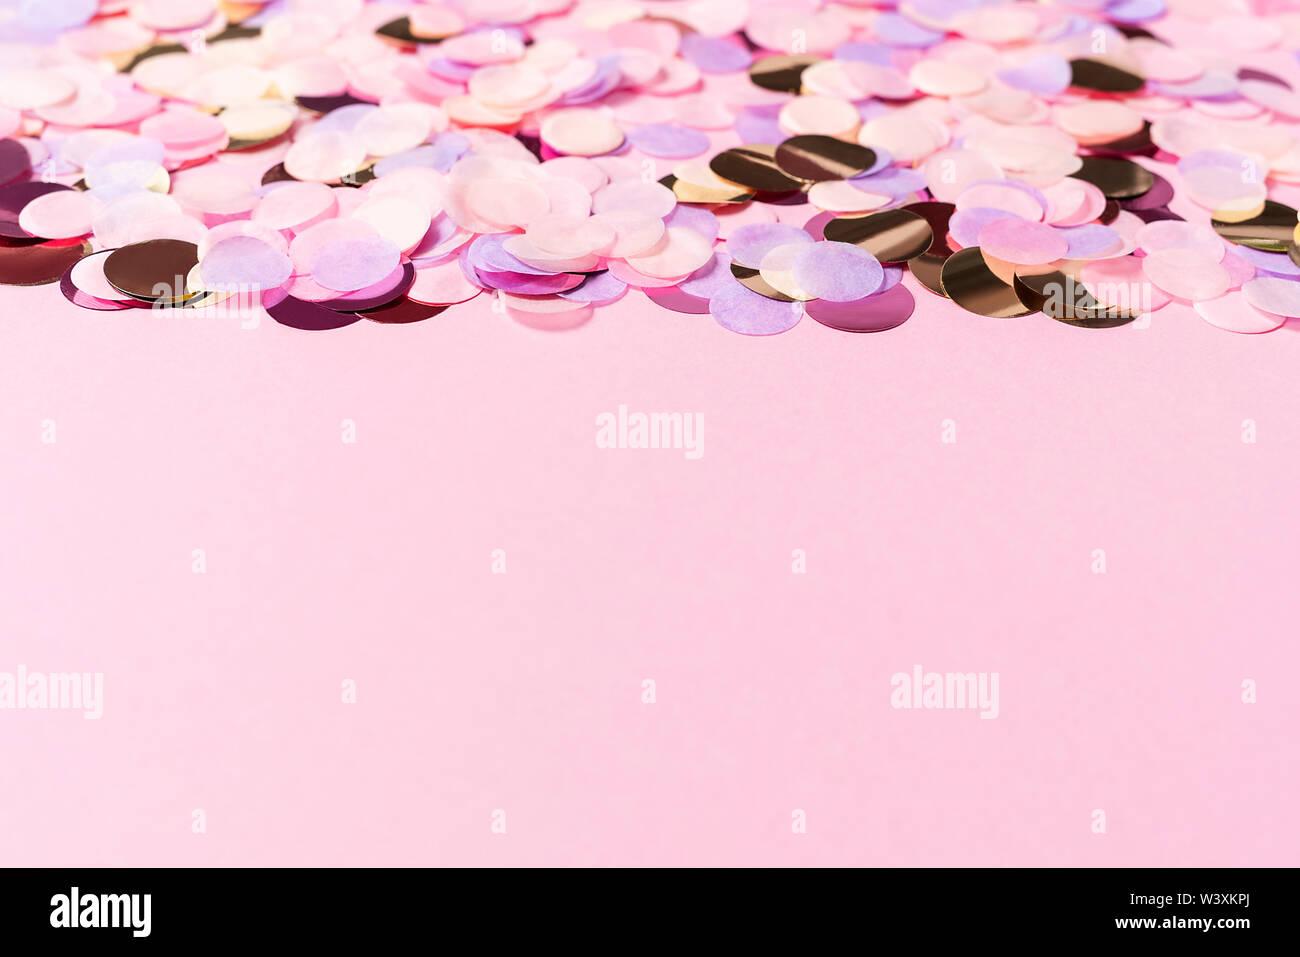 Fondo de color rosa pastel con coloridas mesas confetti de papel. Copie el espacio. Concepto de vacaciones. Imagen De Stock